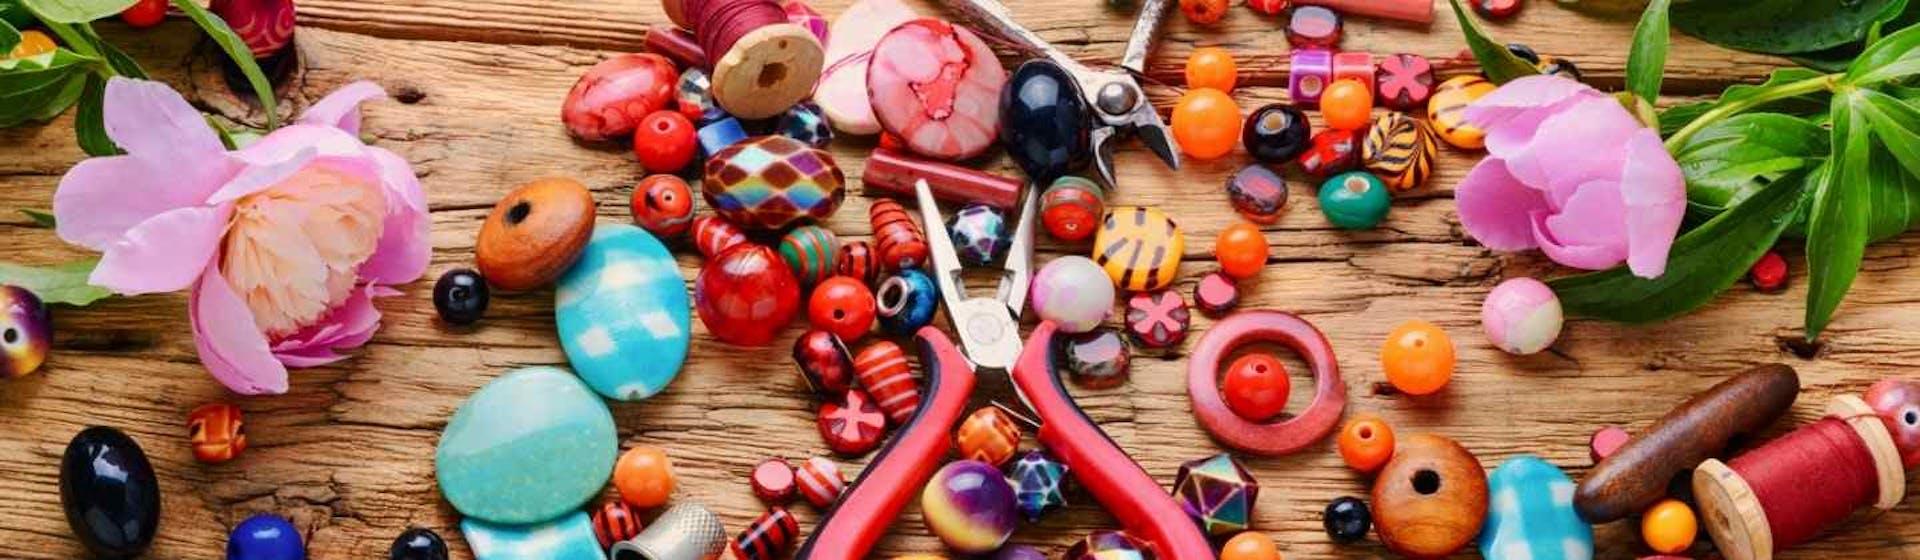 +5 materiales de bisutería imprescindibles para enamorarte de las manualidades